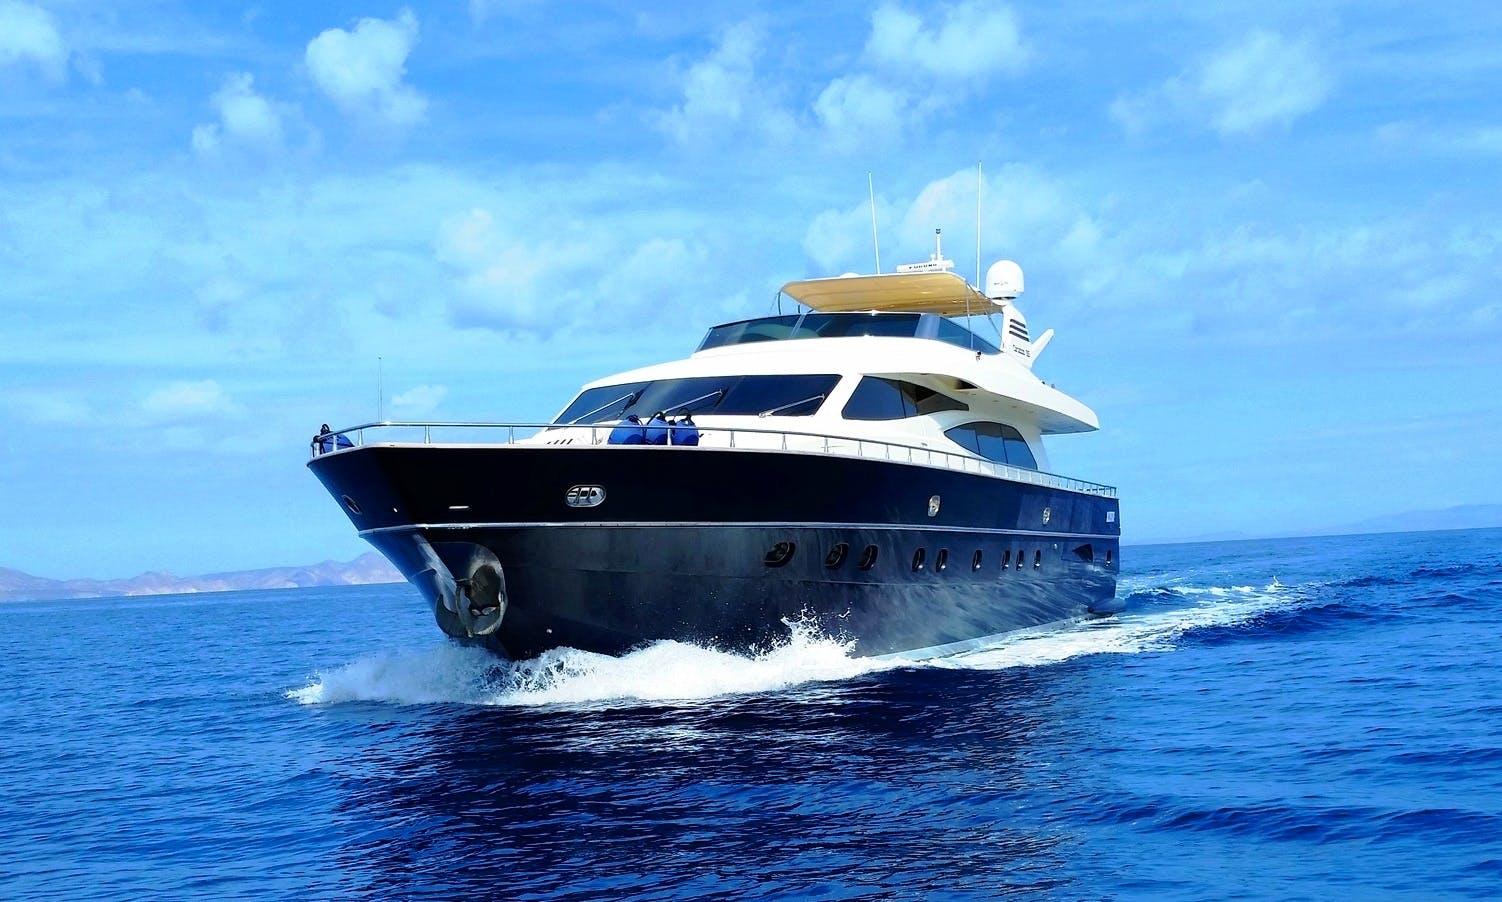 Luxurious 90' Canados Power Mega Yacht Charter in Cabo San Lucas, Mexico